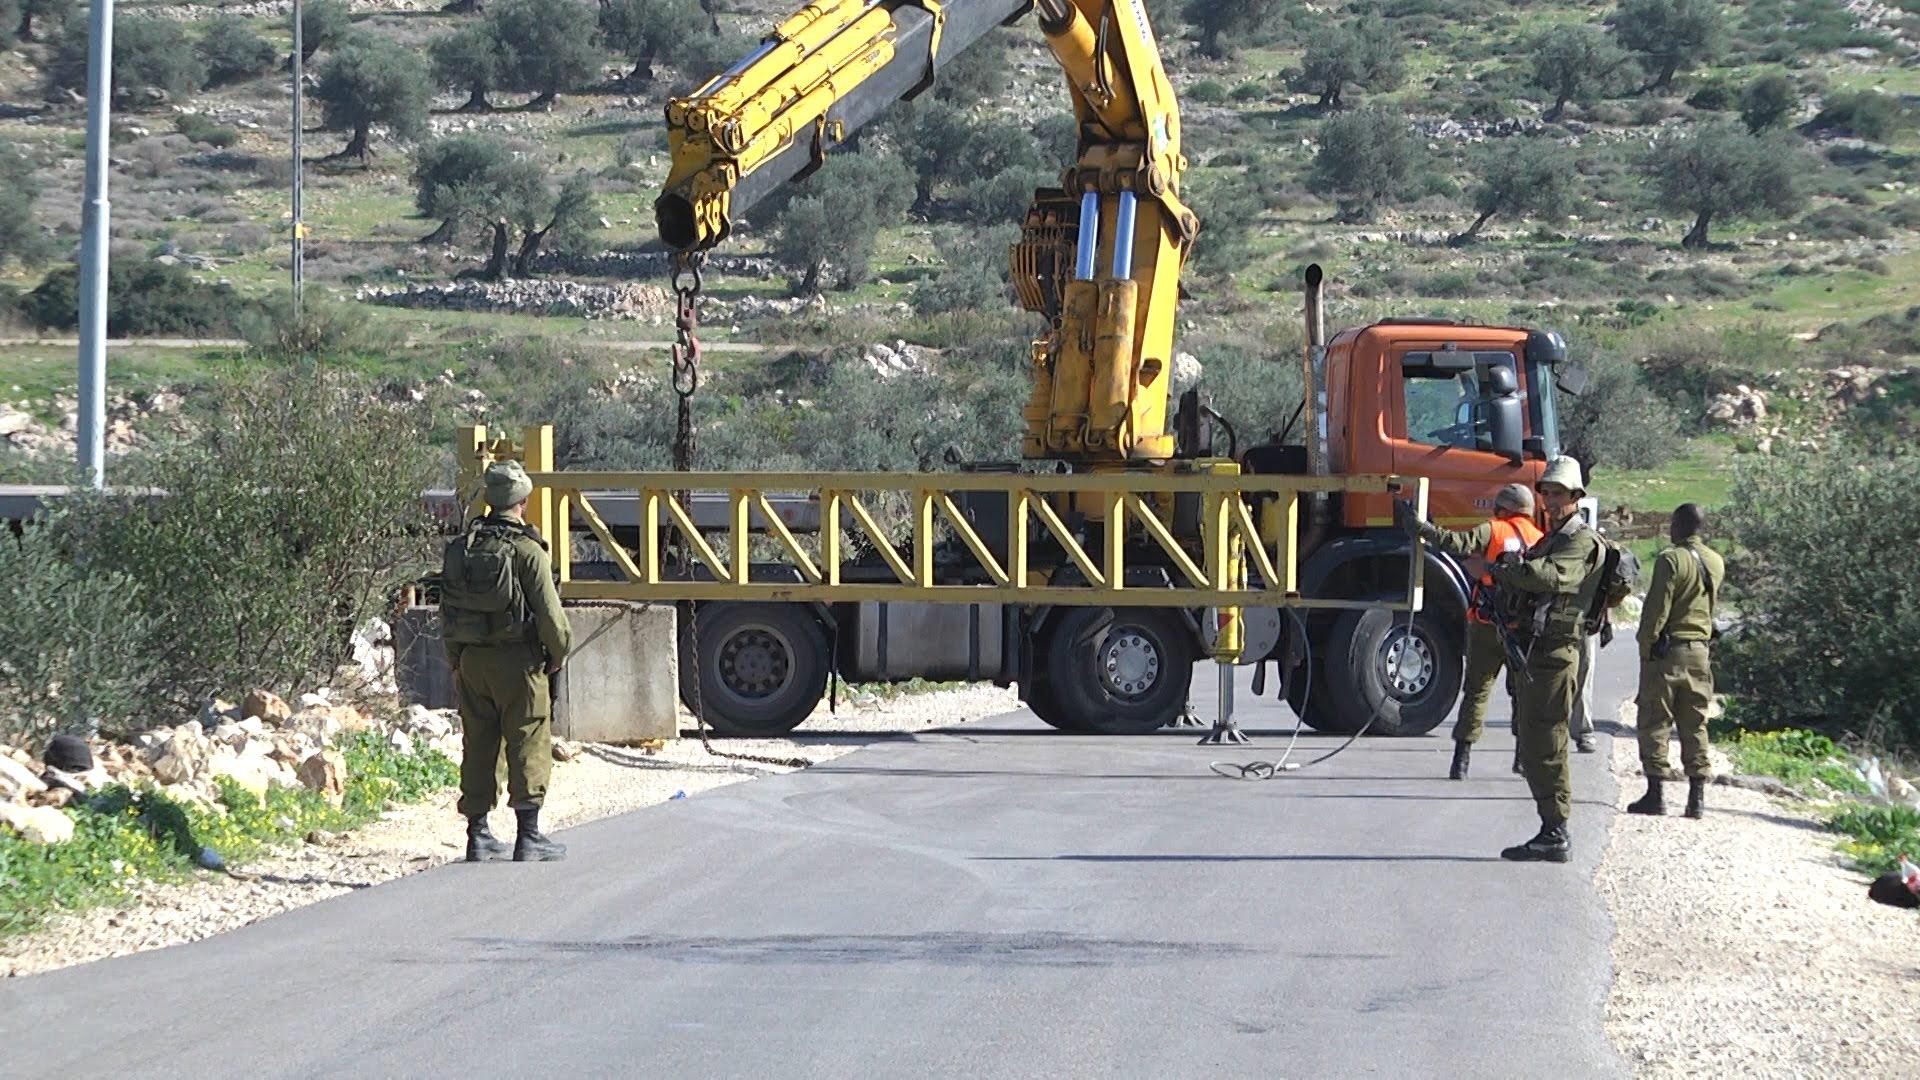 سلطات الاحتلال تزعم تدمير نفقين جنوب قطاع غزة وكتائب القسام تنفي